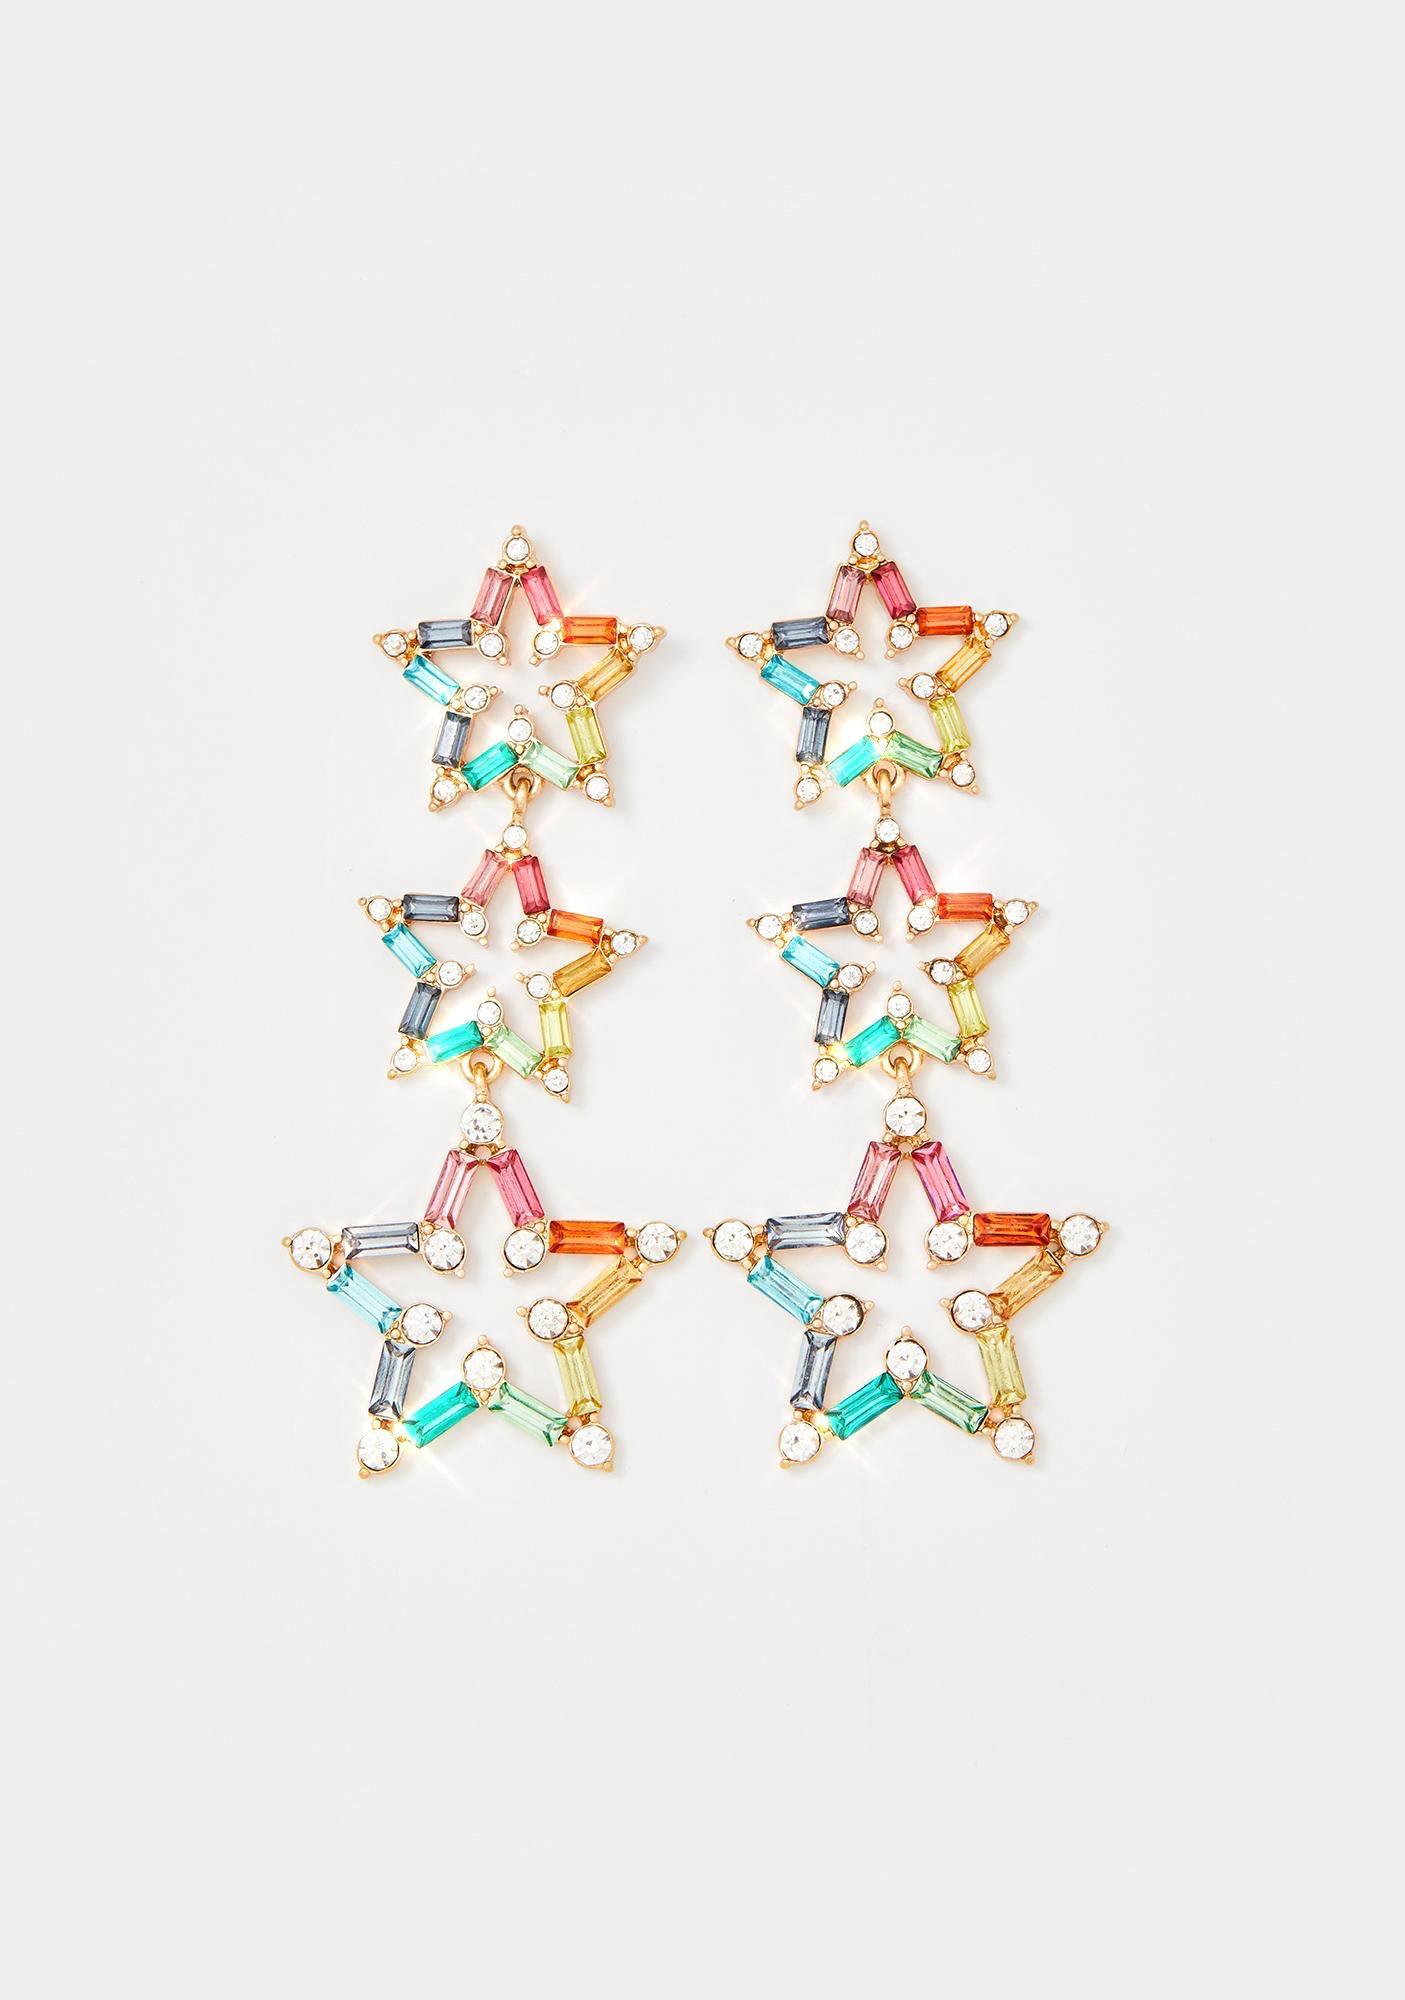 Debut Starlet Rhinestone Earrings